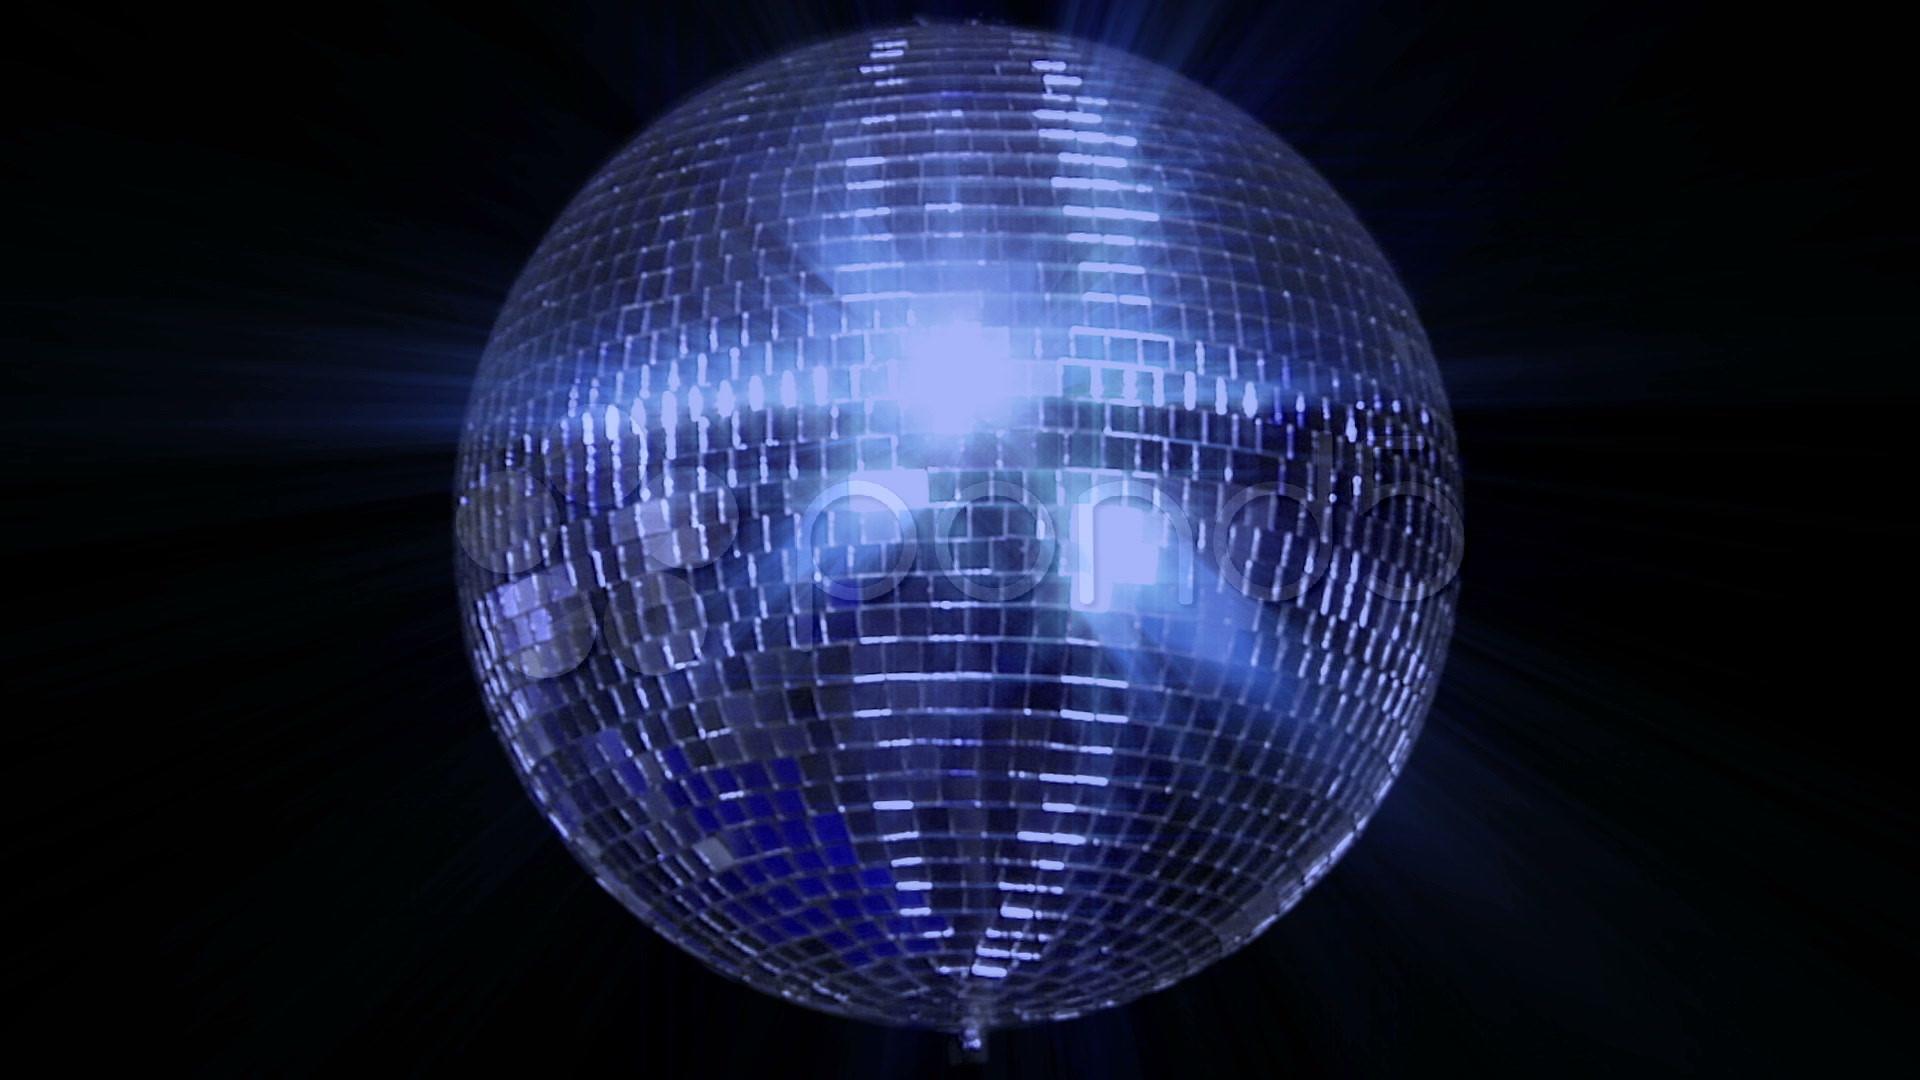 Vinyl Scratch Wallpaper Disco Ball Wallpaper &...